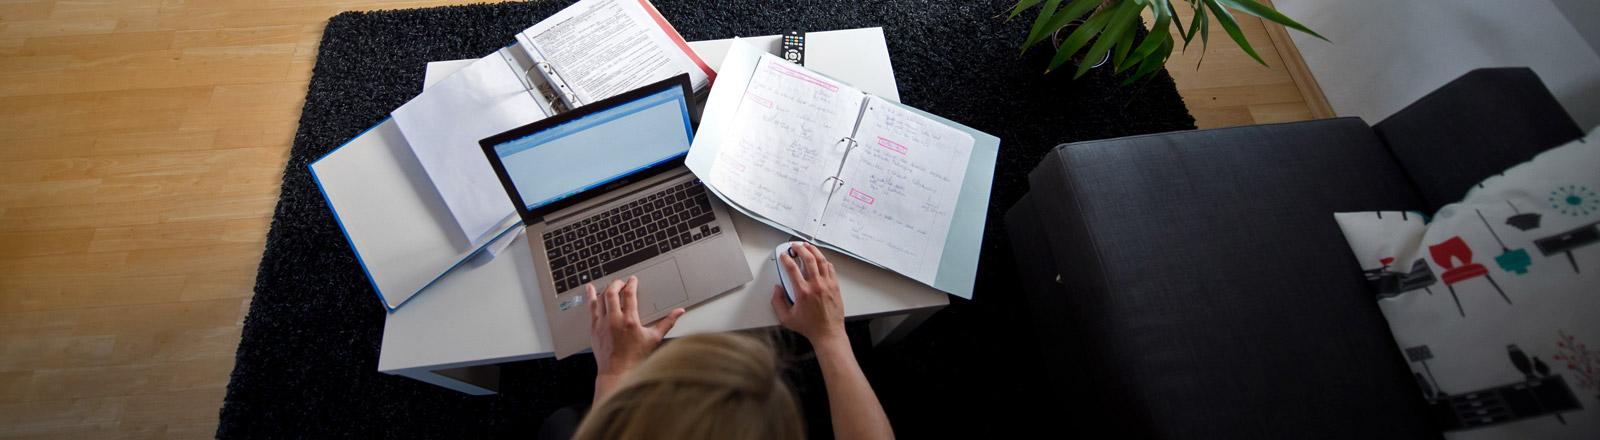 Eine Frau arbeitet zu Hause am Wohnzimmertisch an ihrem Computer.